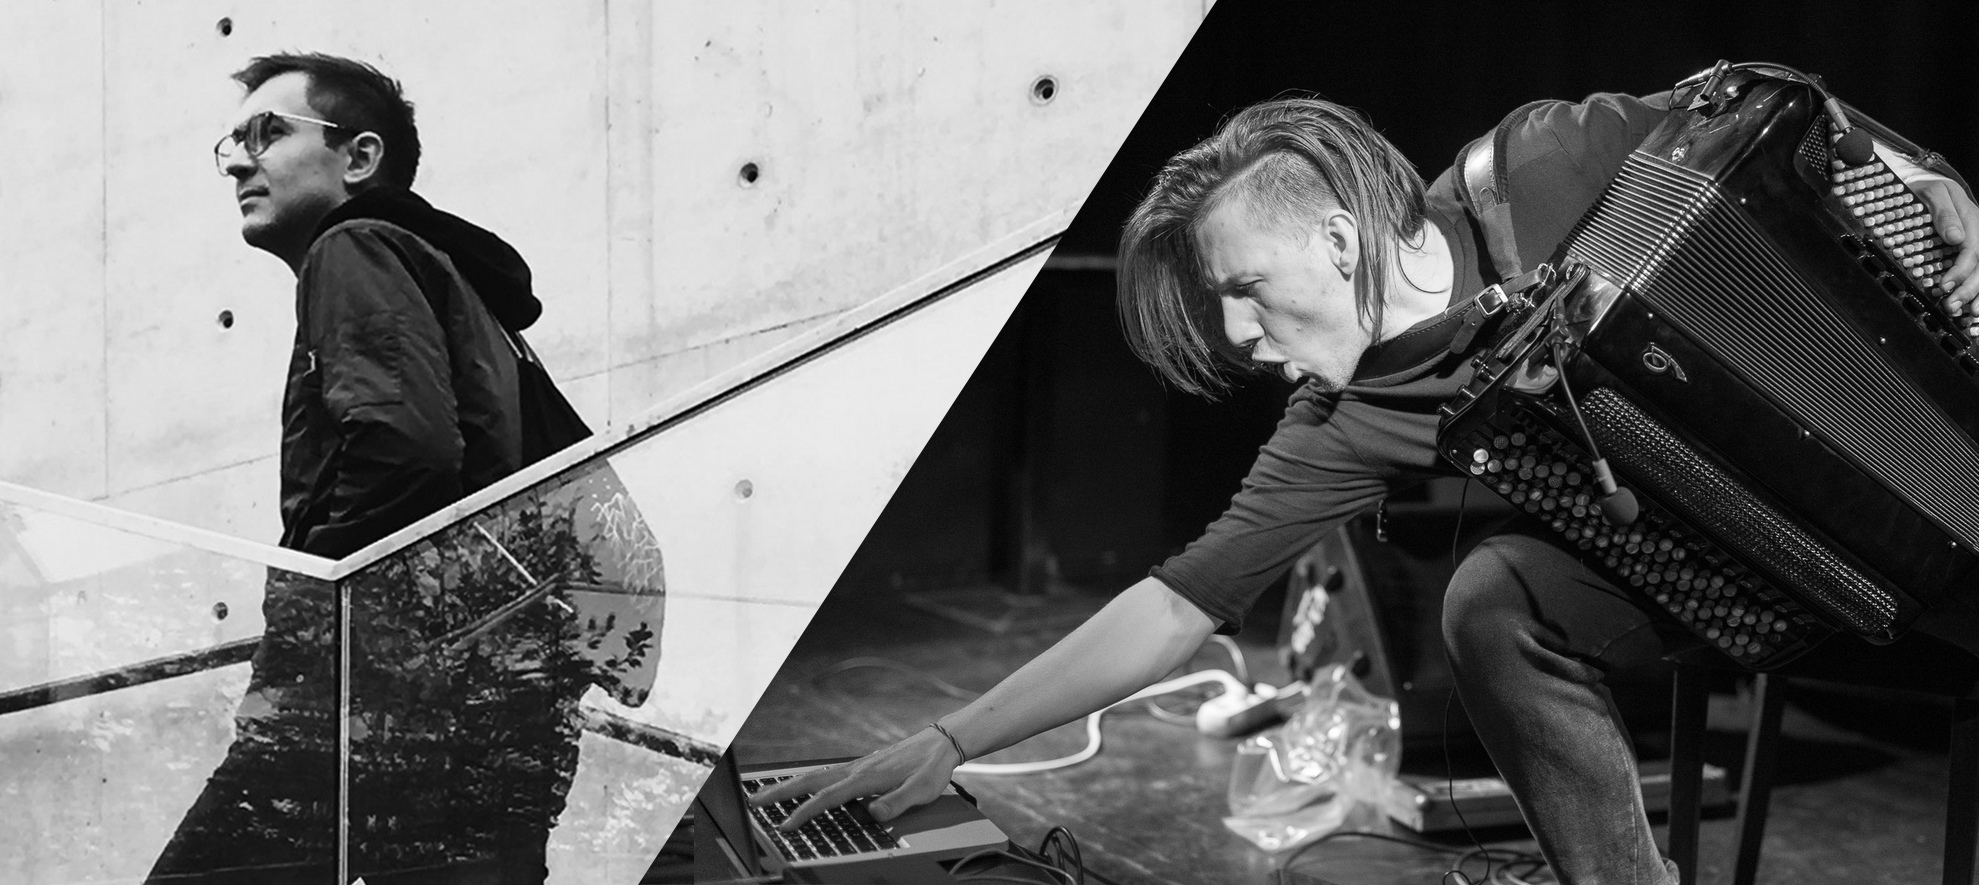 Sygnał/Szum: Marek Kamiński / Zbigniew Chojnacki – koncert